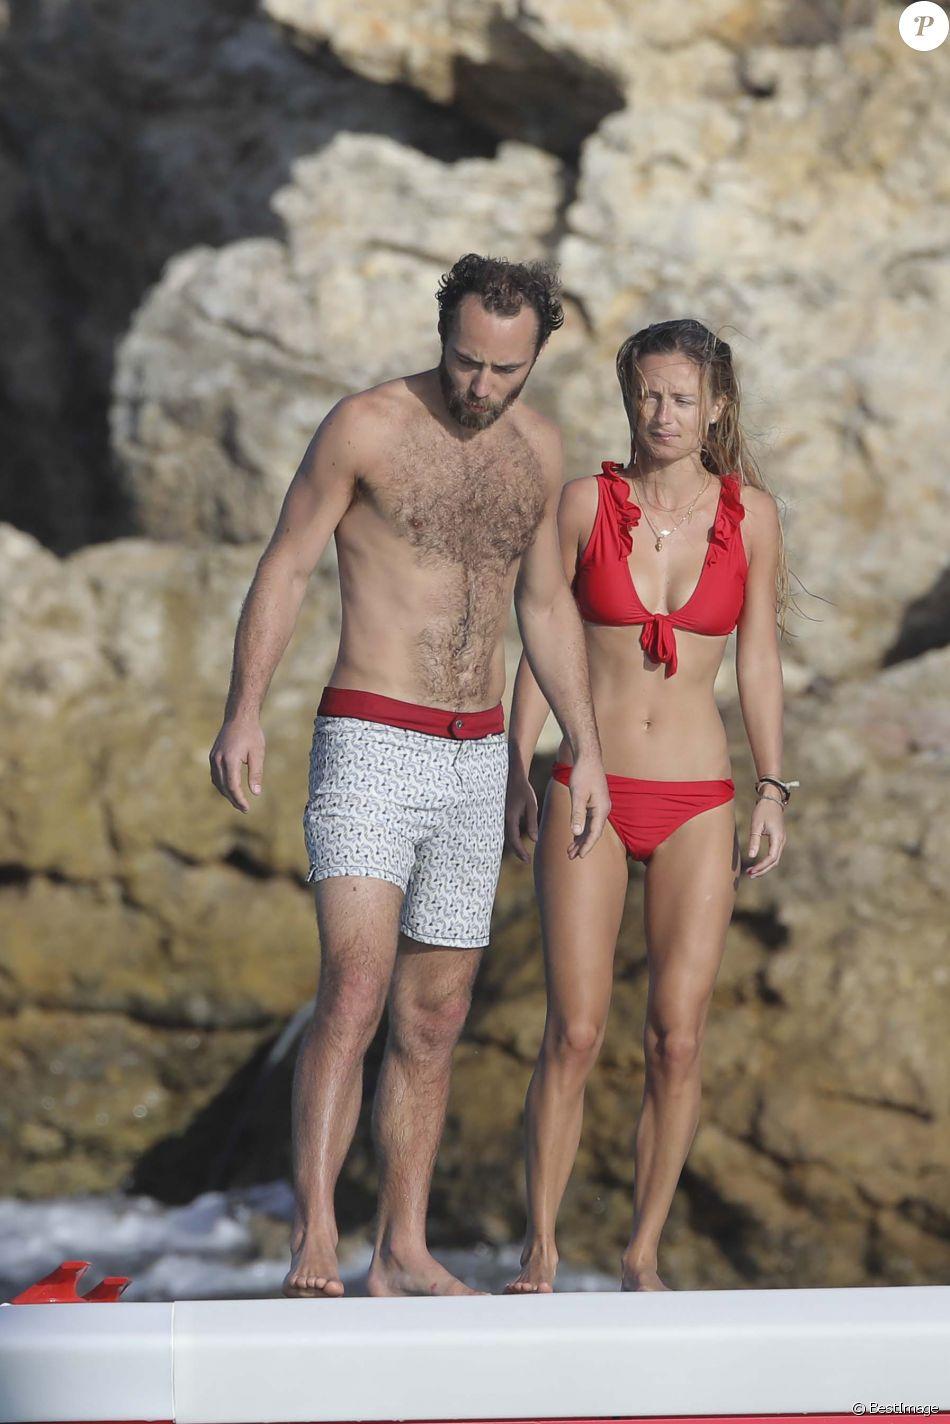 Semi-exclusif - James Middleton et sa nouvelle compagne profitent de la plage de l'hôtel Eden Rock à Saint-Barthélemy, Antilles françaises, France, le 2 janvier 2019.